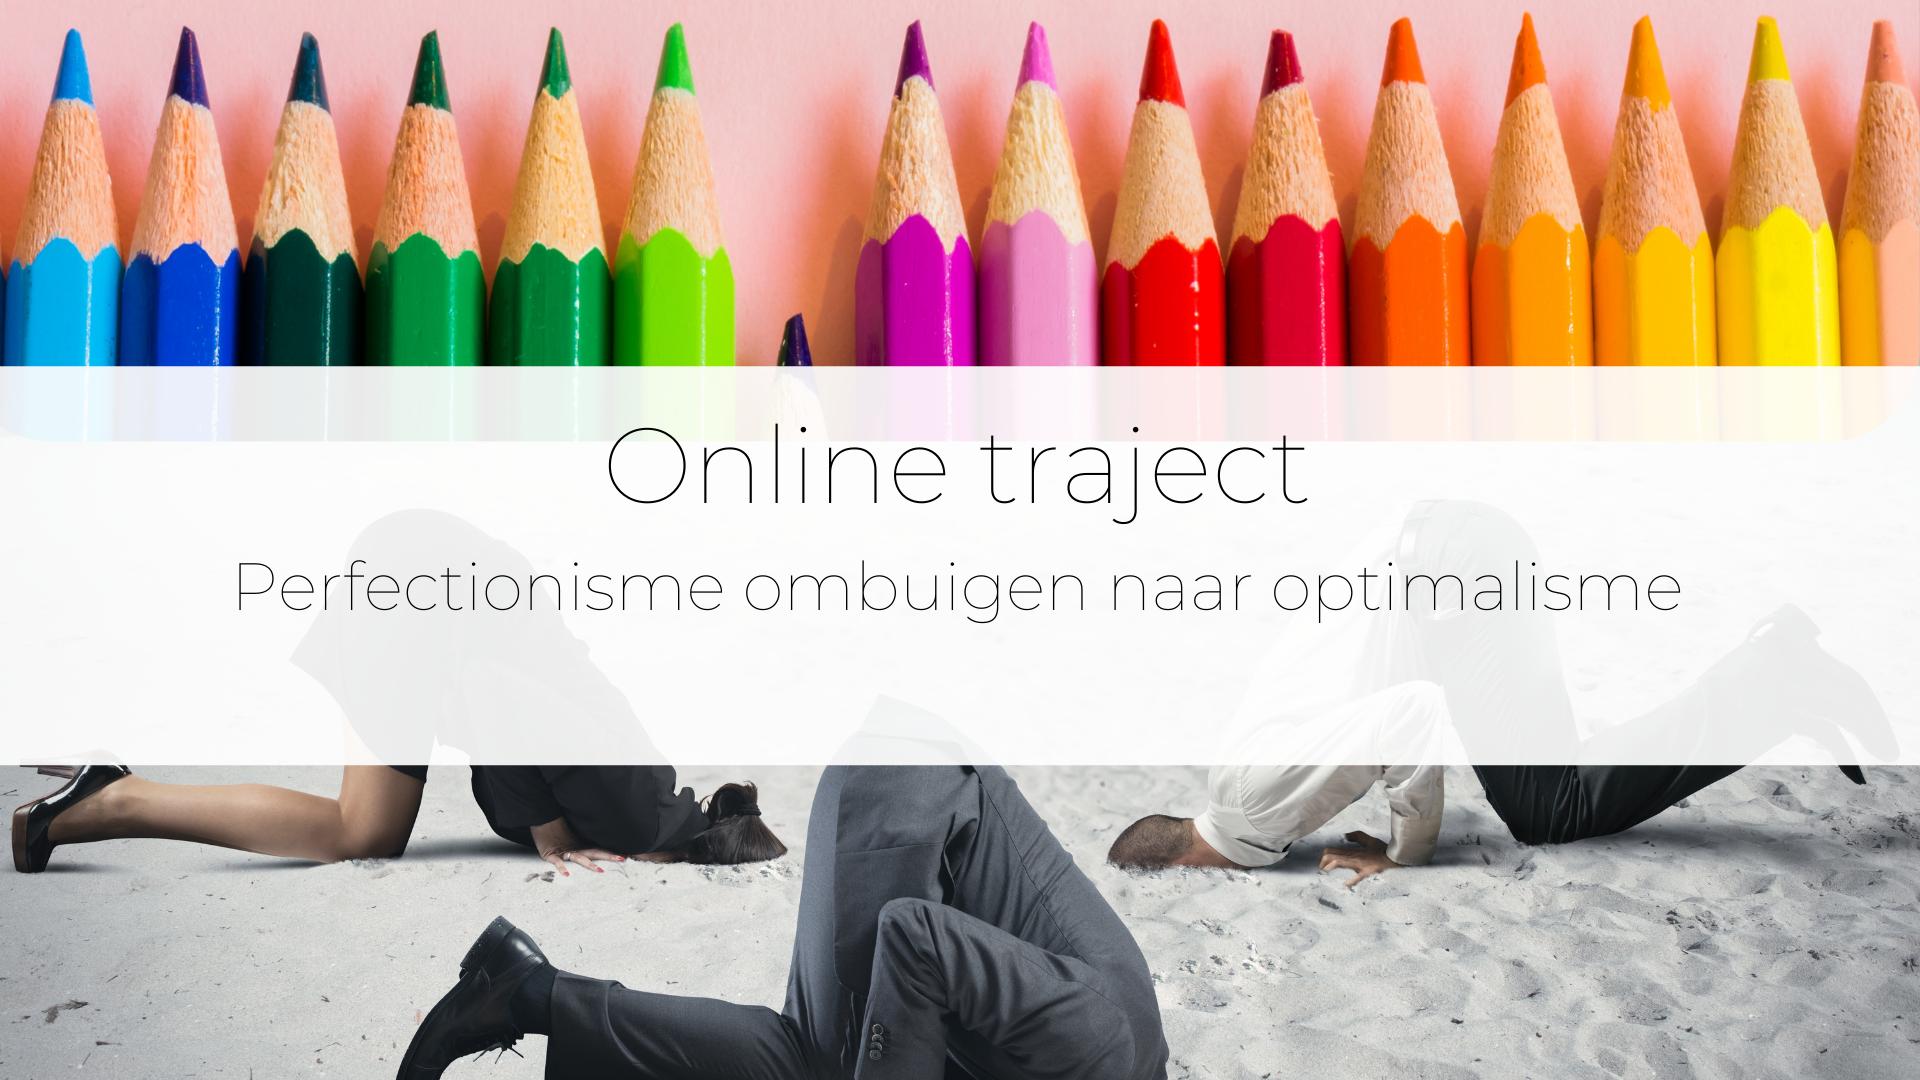 Perfectionisme ombuigen – online traject